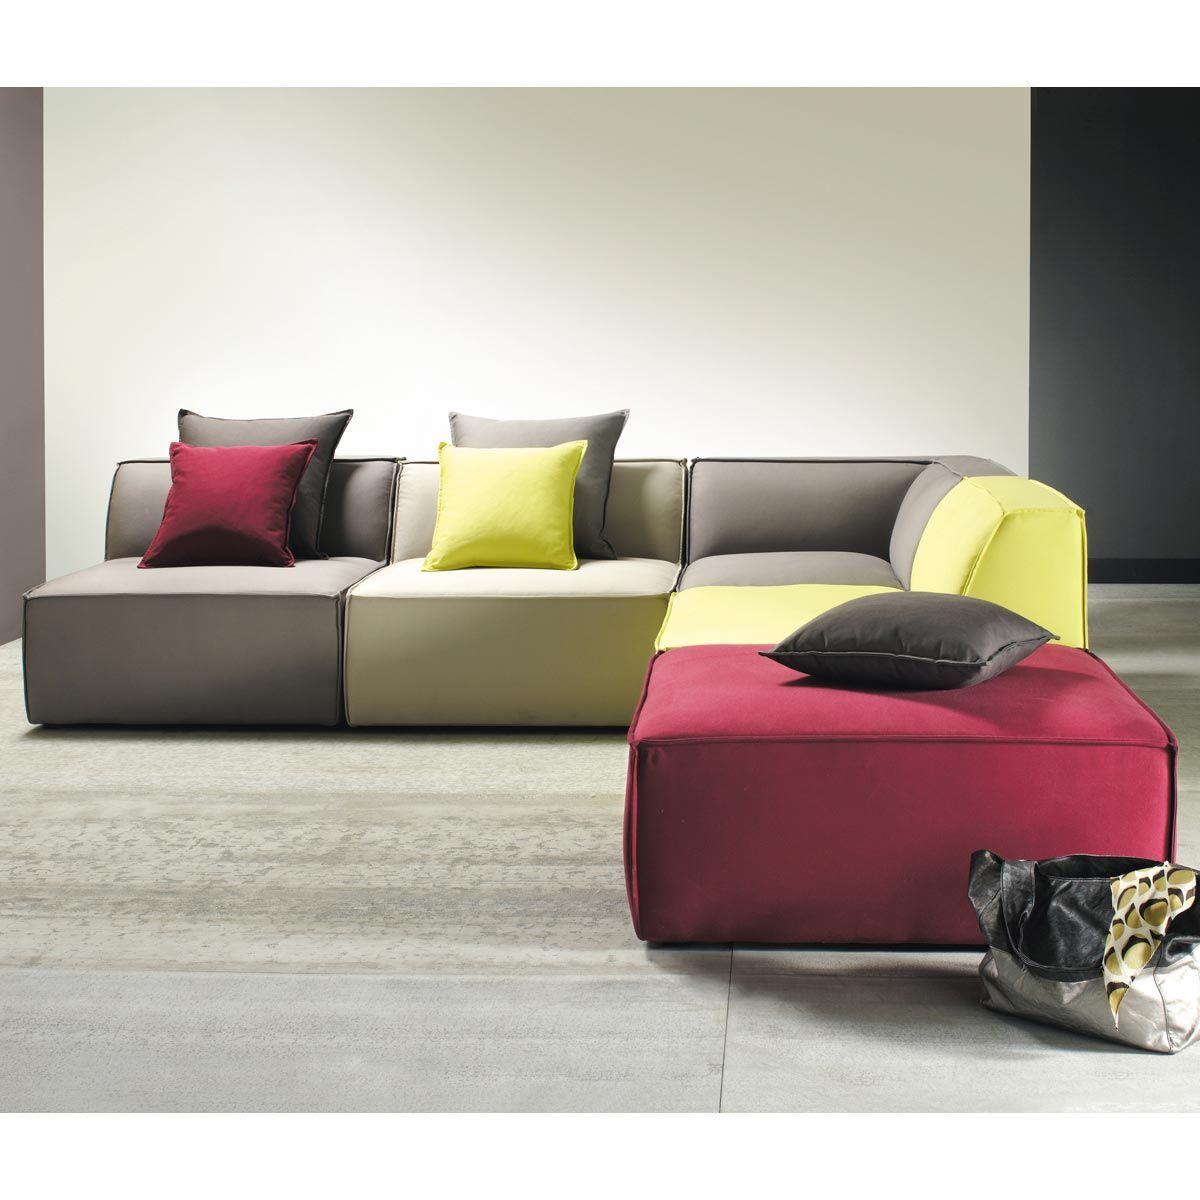 maisons du monde sitzbank modulares ecksofa bunt floride sof pinterest sofa daybed. Black Bedroom Furniture Sets. Home Design Ideas